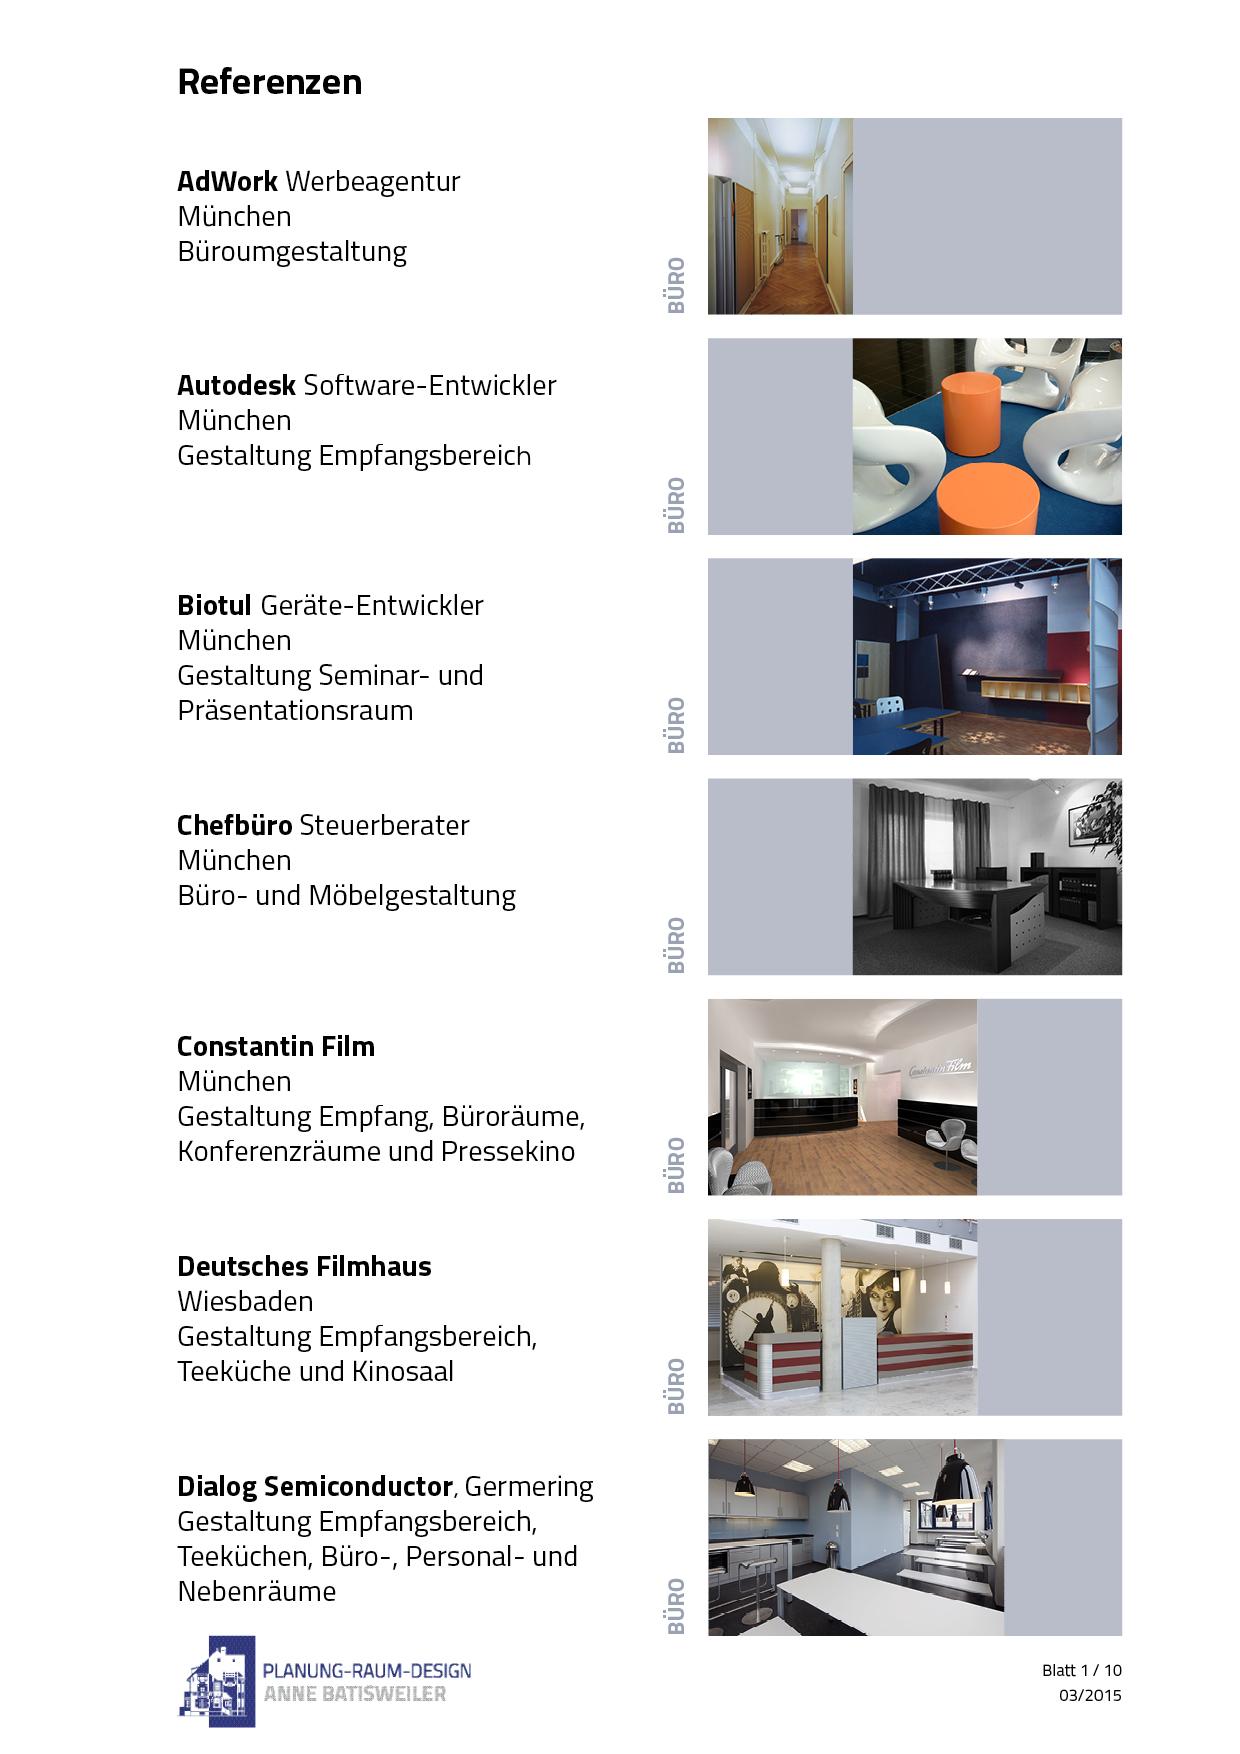 Planung raum design planung raum design for Raum design